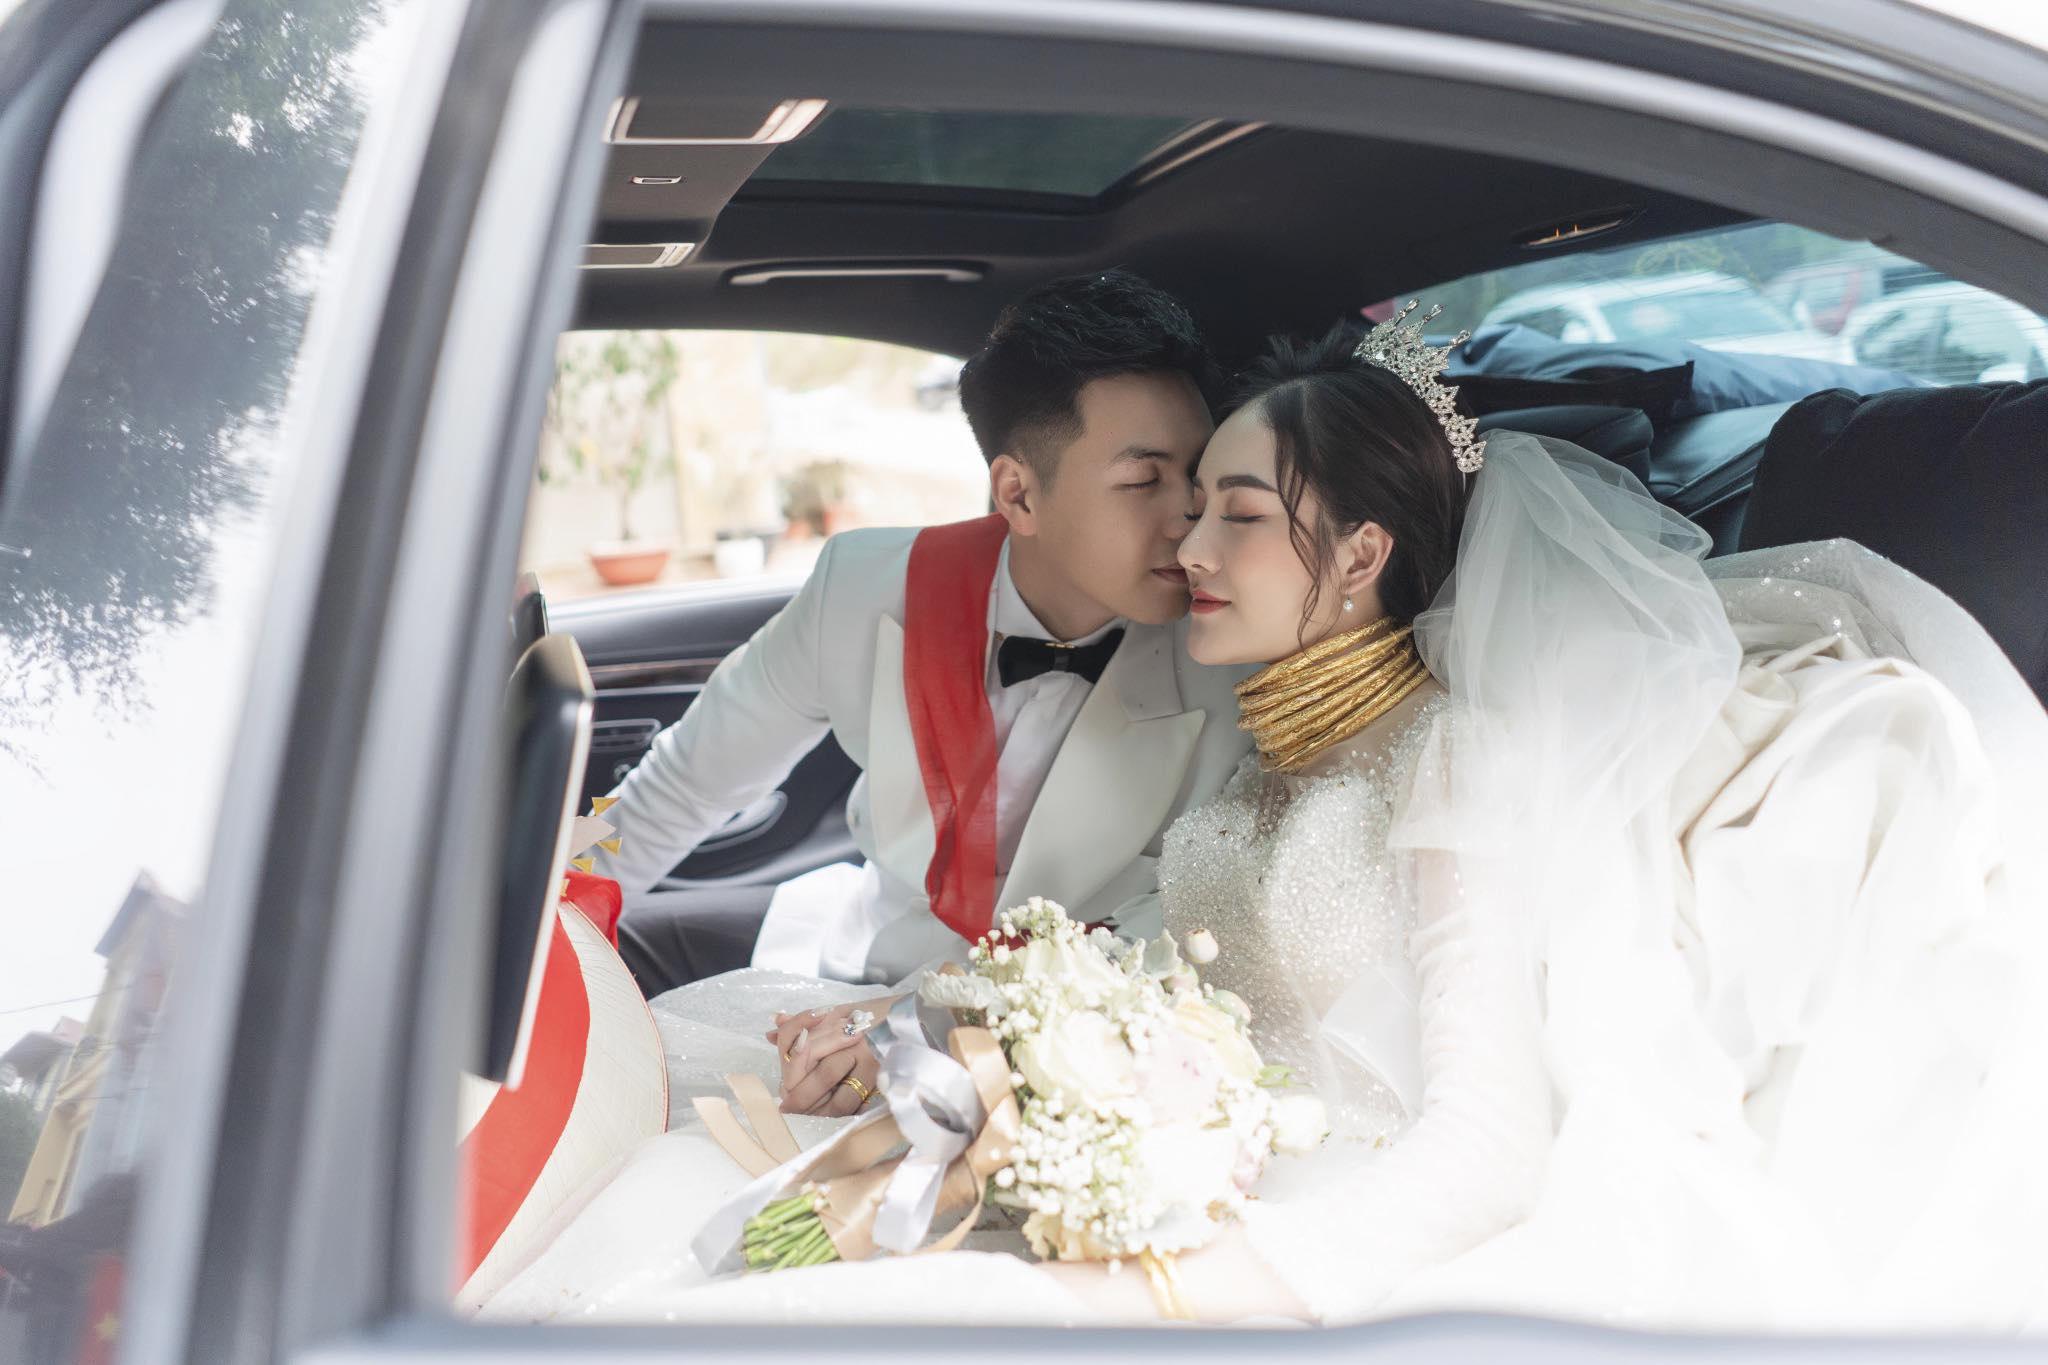 Cô dâu 9X xinh đẹp đeo vàng trĩu cổ, kín tay trong ngày cưới gây sốt mạng - 5